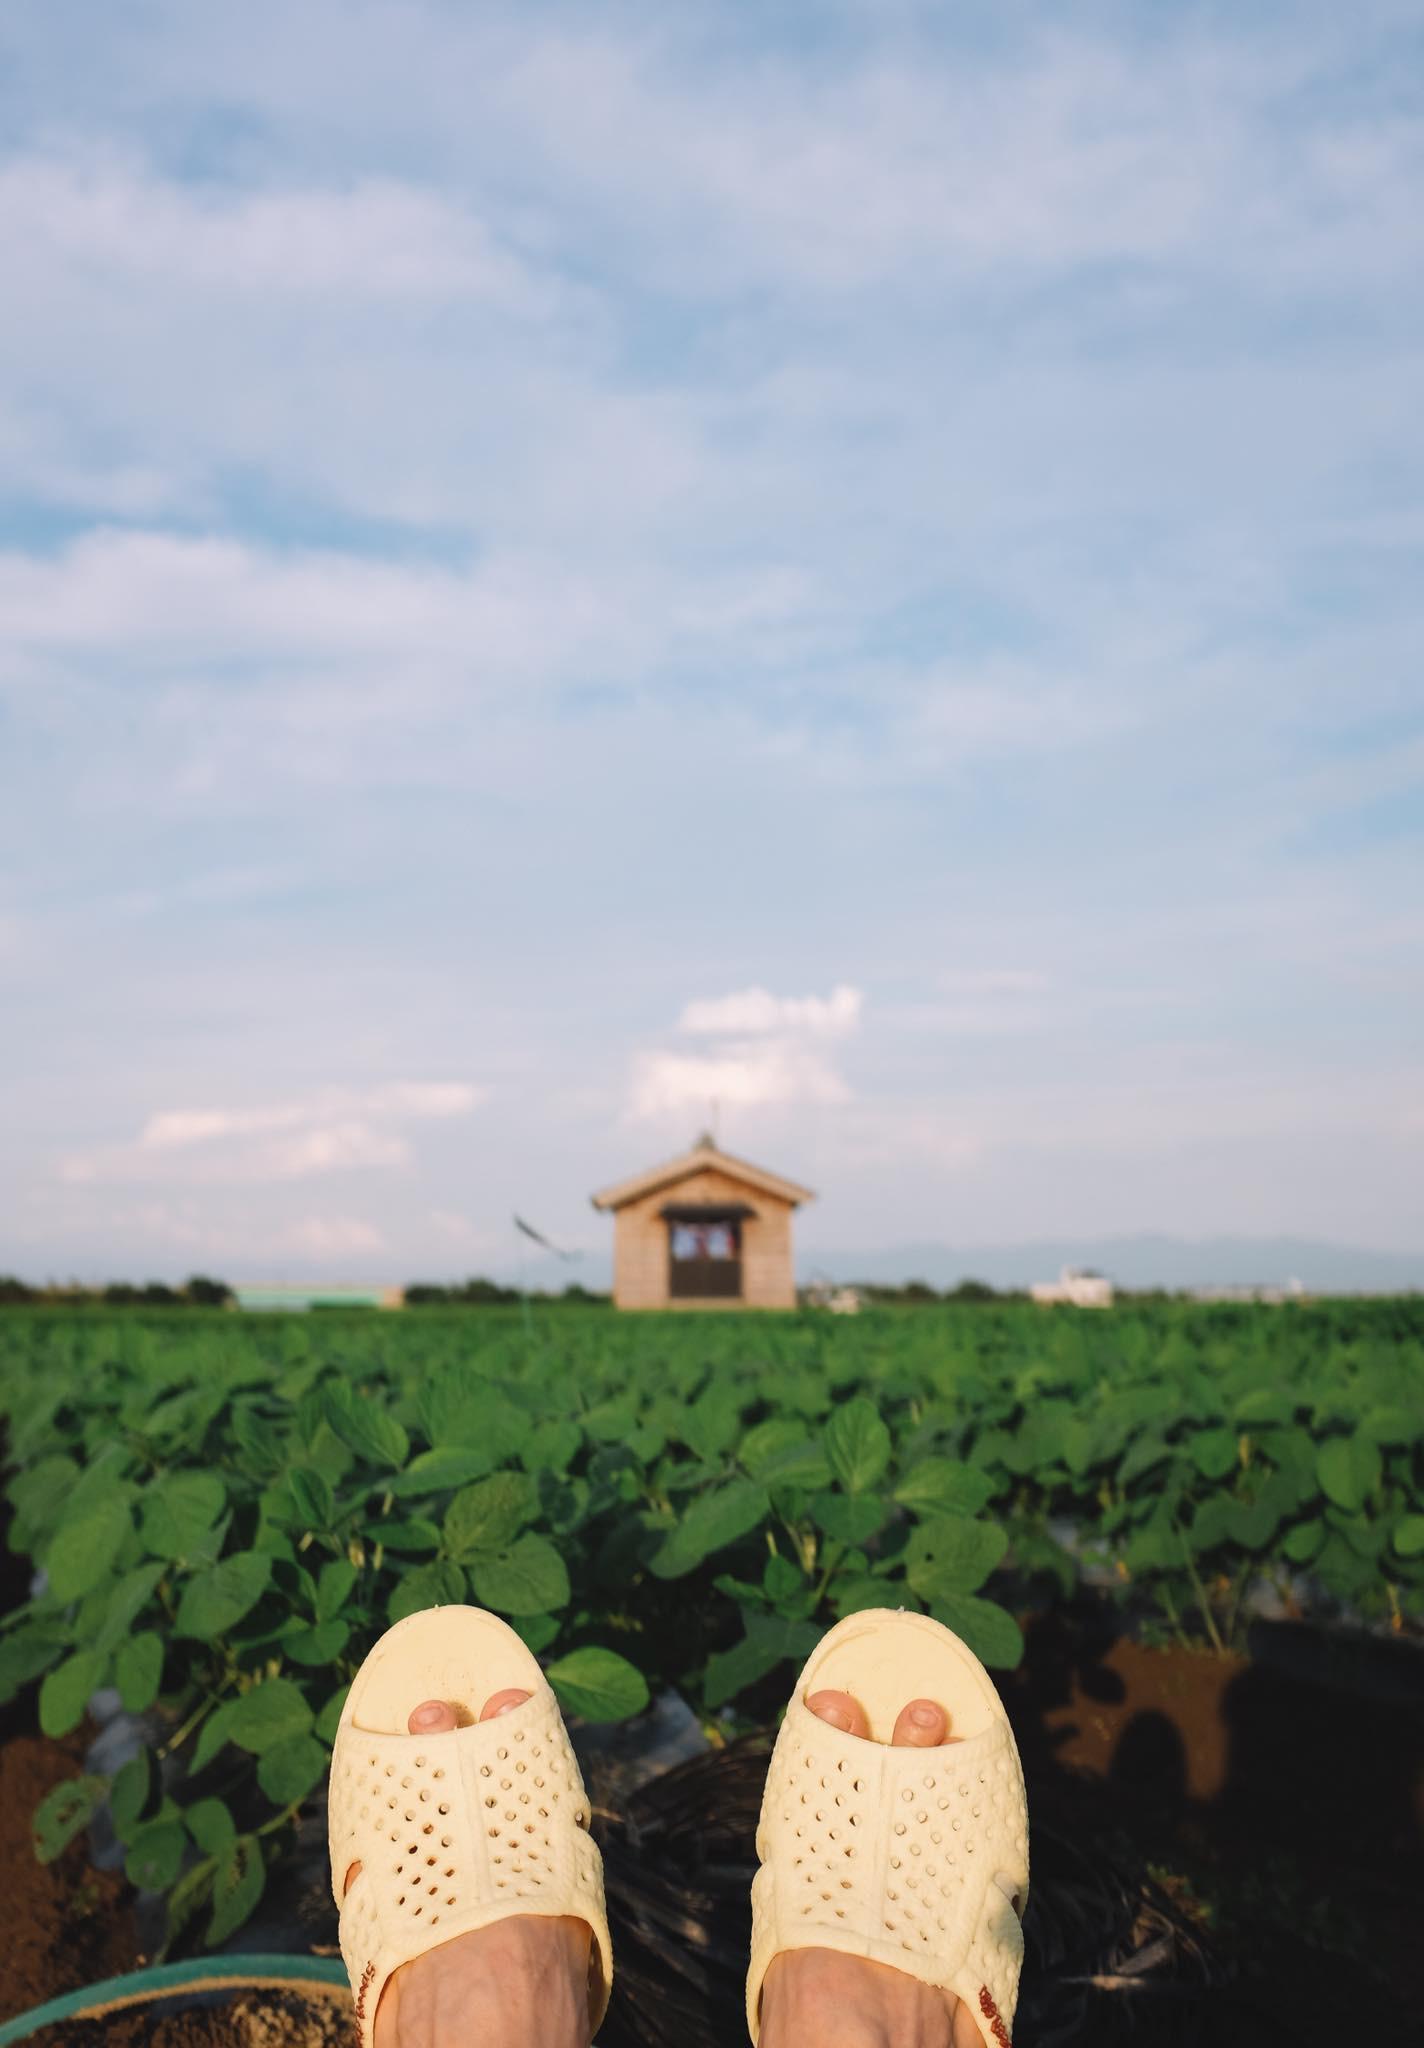 Thánh dép tổ ong tái xuất với bộ ảnh mới, lần này là rong ruổi miền Bắc nước Nhật xinh đẹp - Ảnh 1.